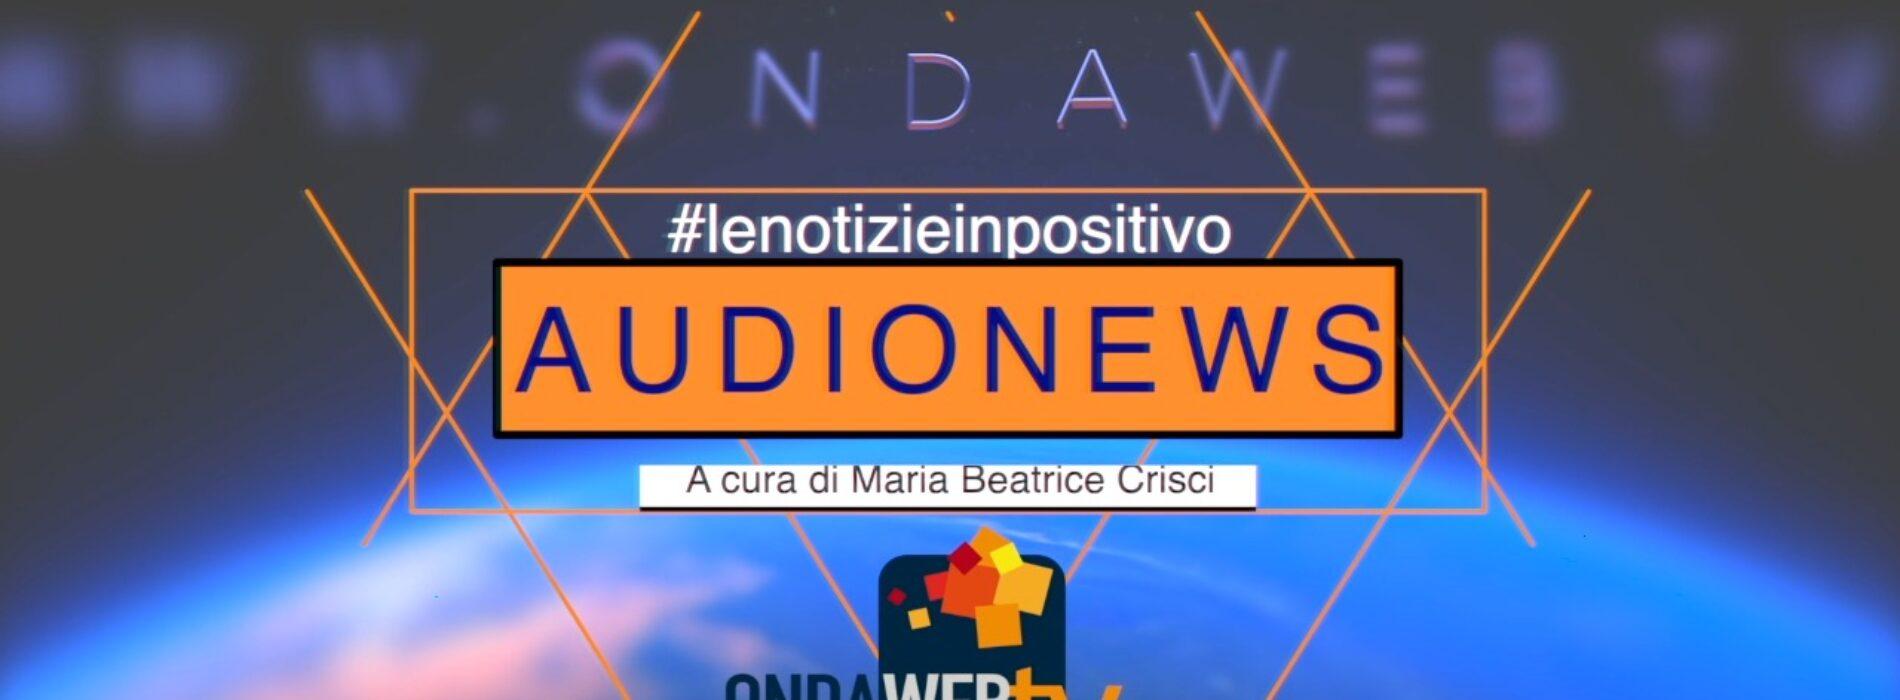 Audionews di Ondawebtv. 3 febbraio